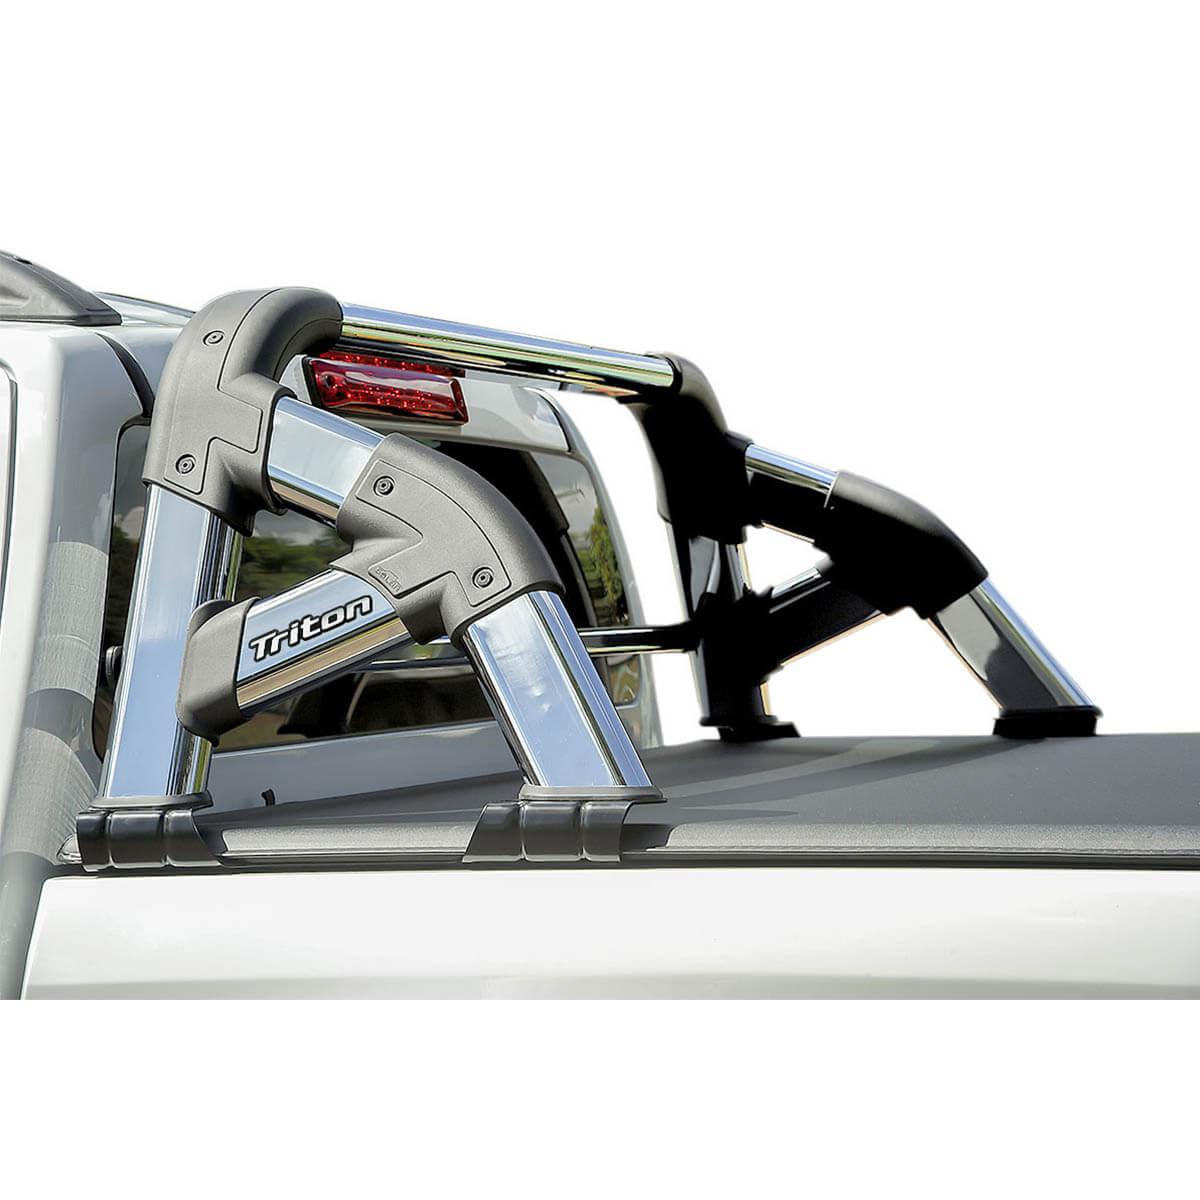 Santo antônio cromado Solar Exclusive L200 Triton 2008 a 2016 com barra de vidro